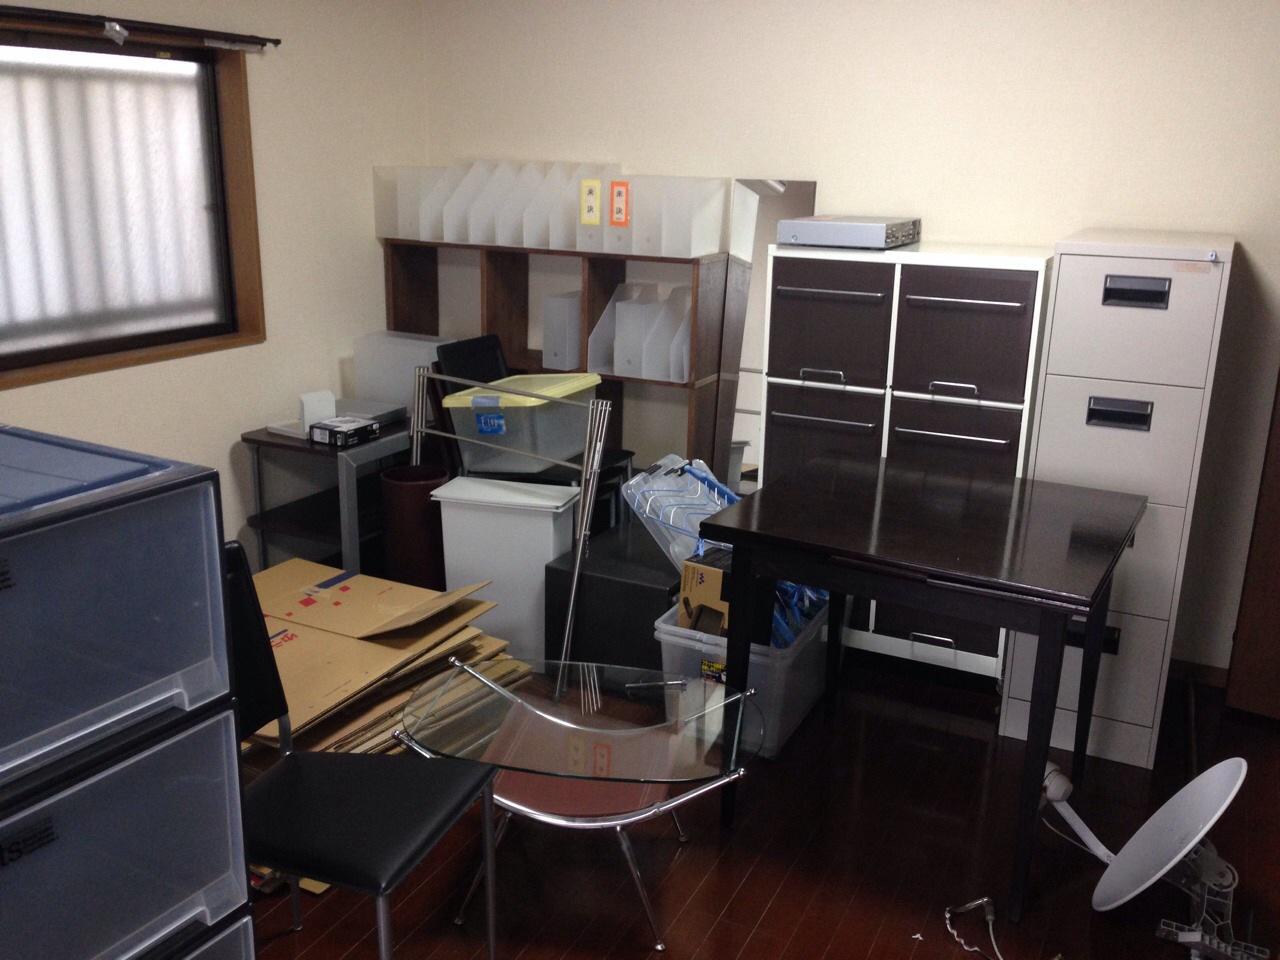 宮城県仙台市青葉区にお住まいのH.M様の不用品回収前のお部屋の画像